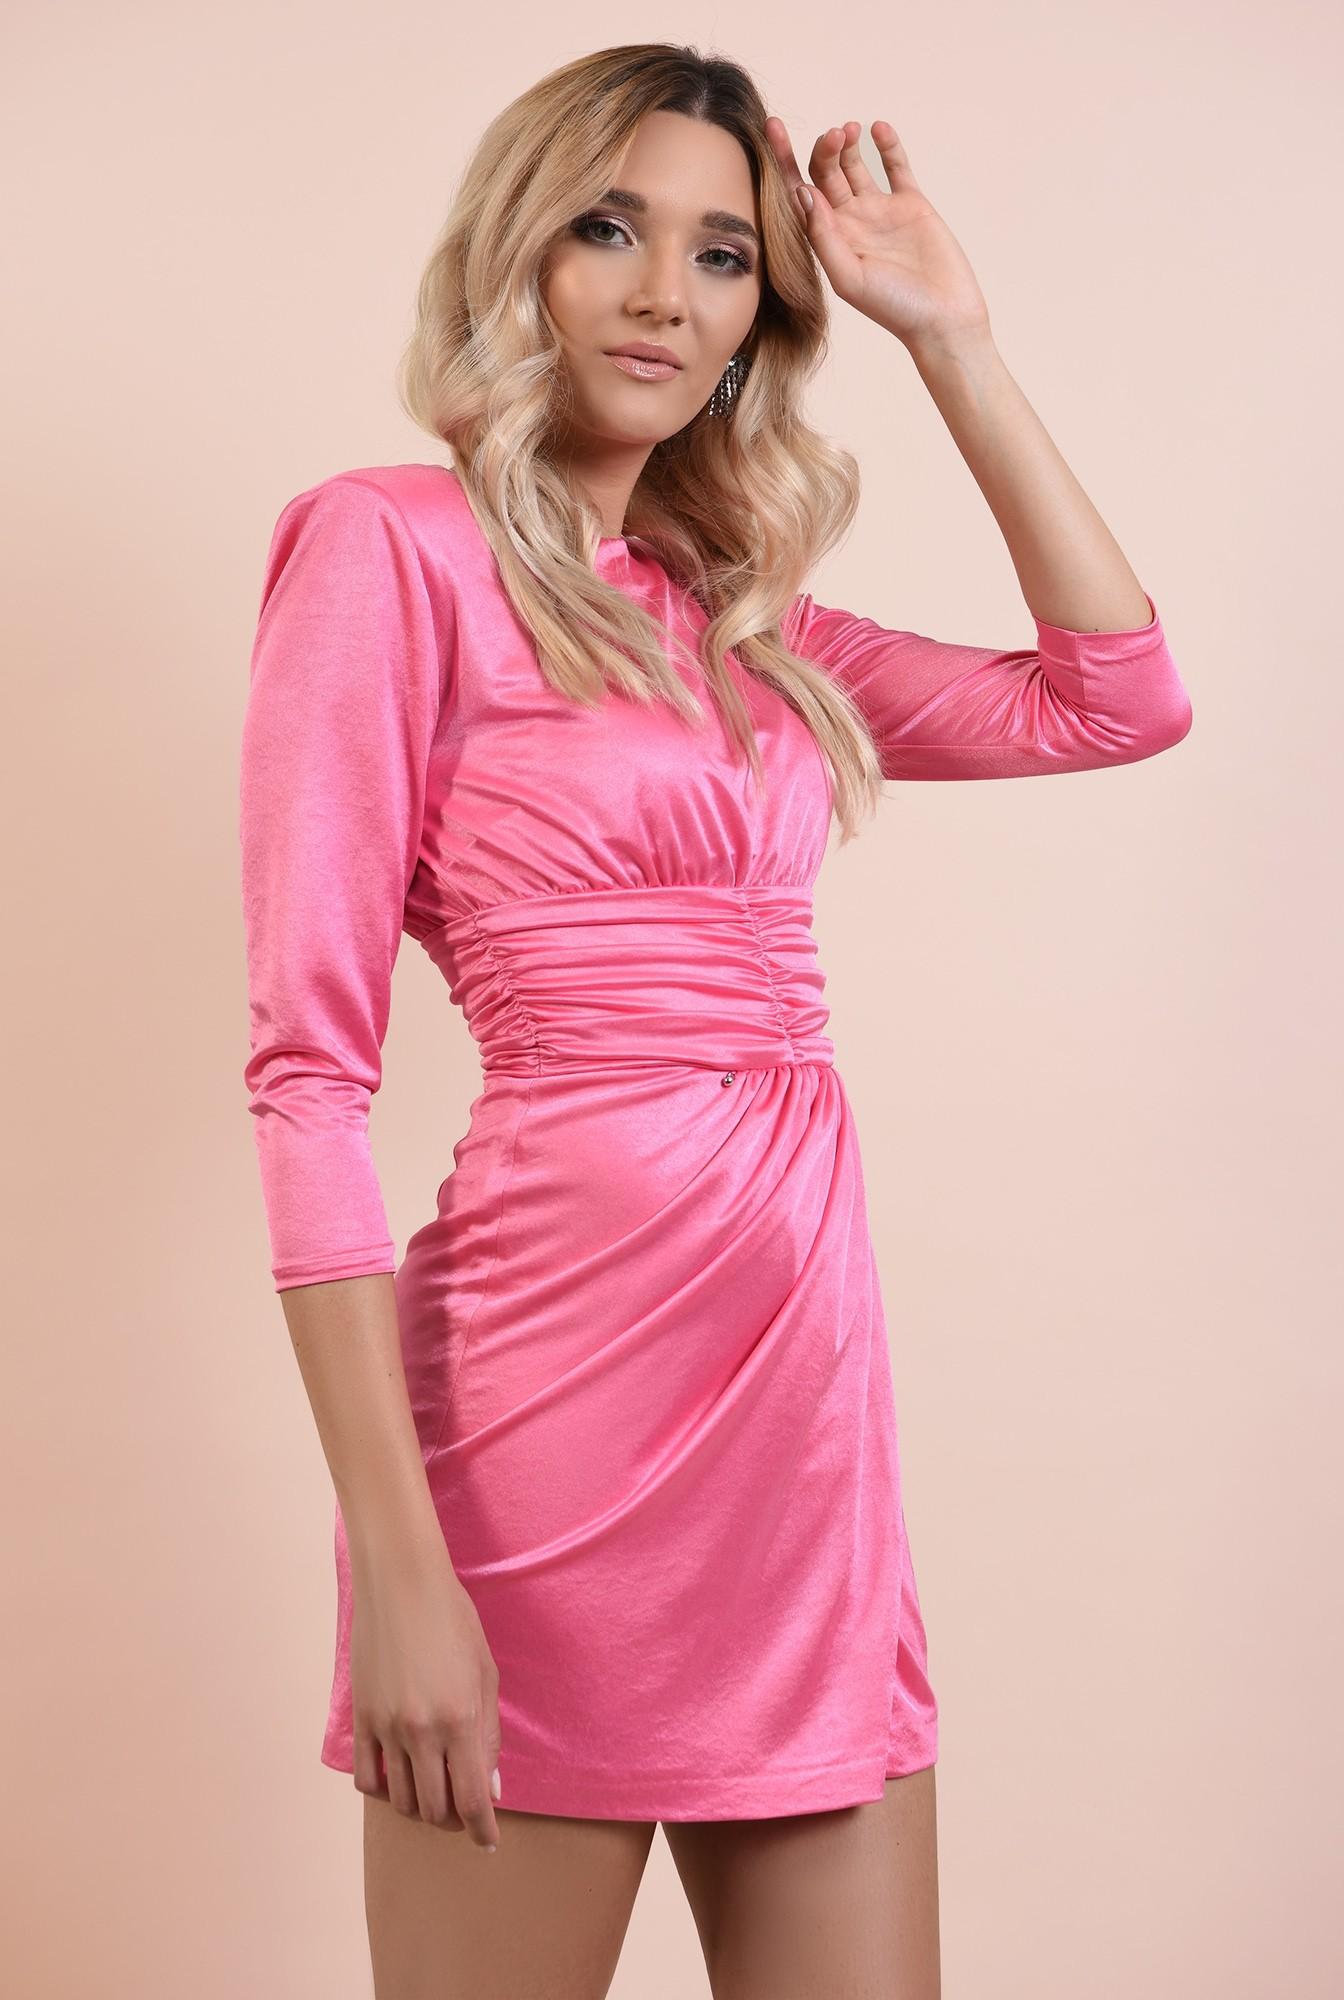 2 - 360 - rochie eleganta, scurta, drapata, decolteu la baza gatului, Poema